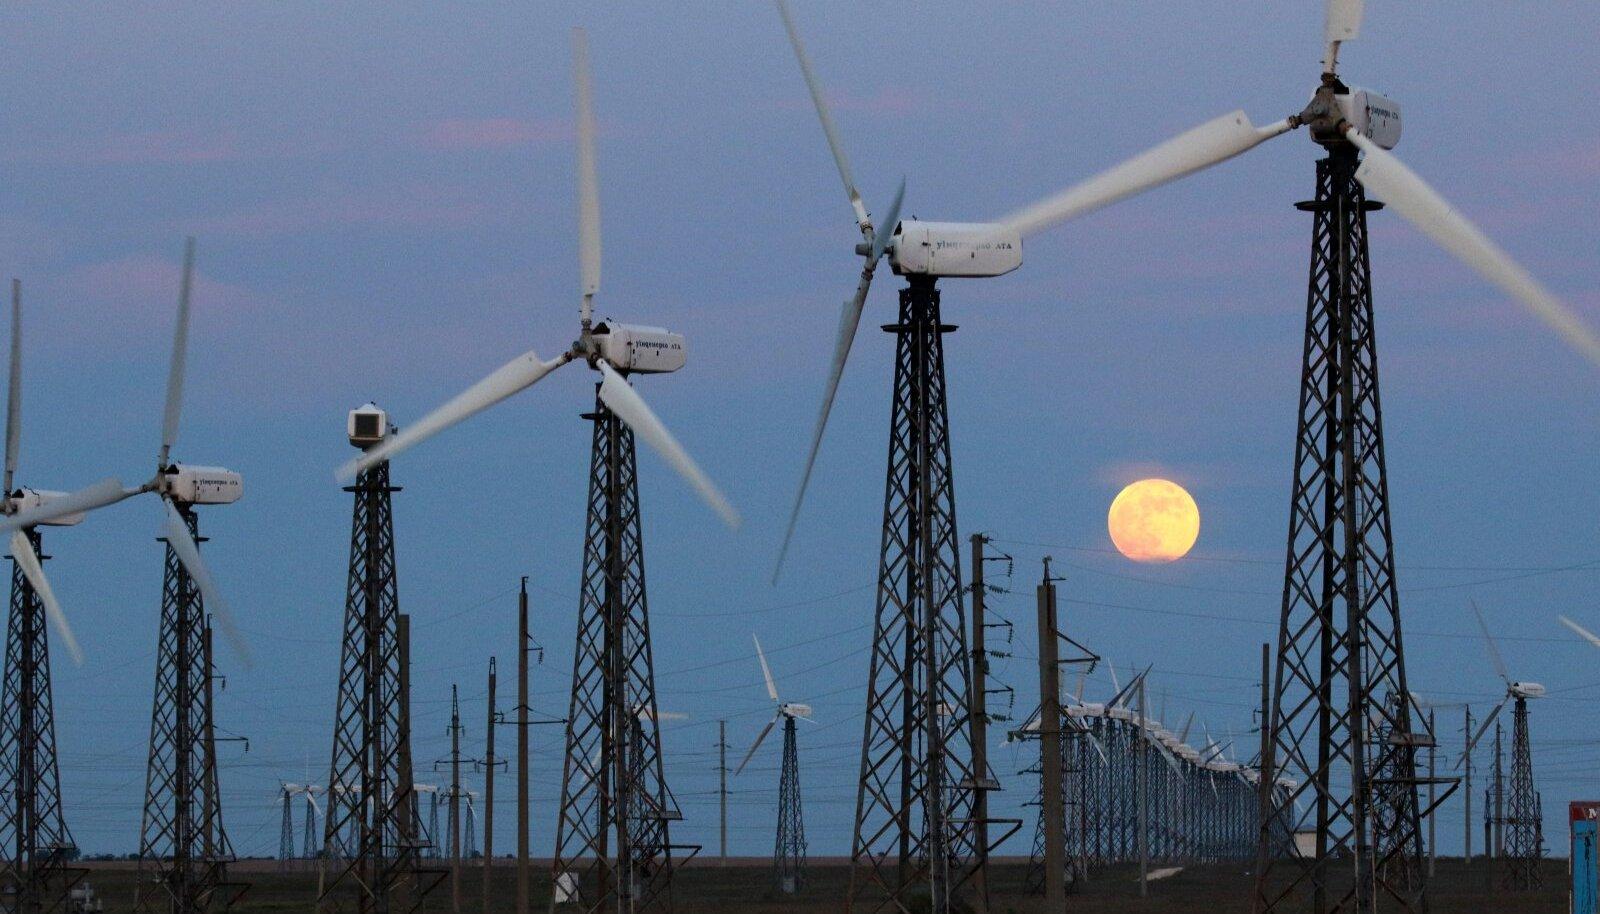 Imetehnoloogiate ootamise asemel tuleks kliimamuutust pidurdada praegu käepäraste vahenditega.